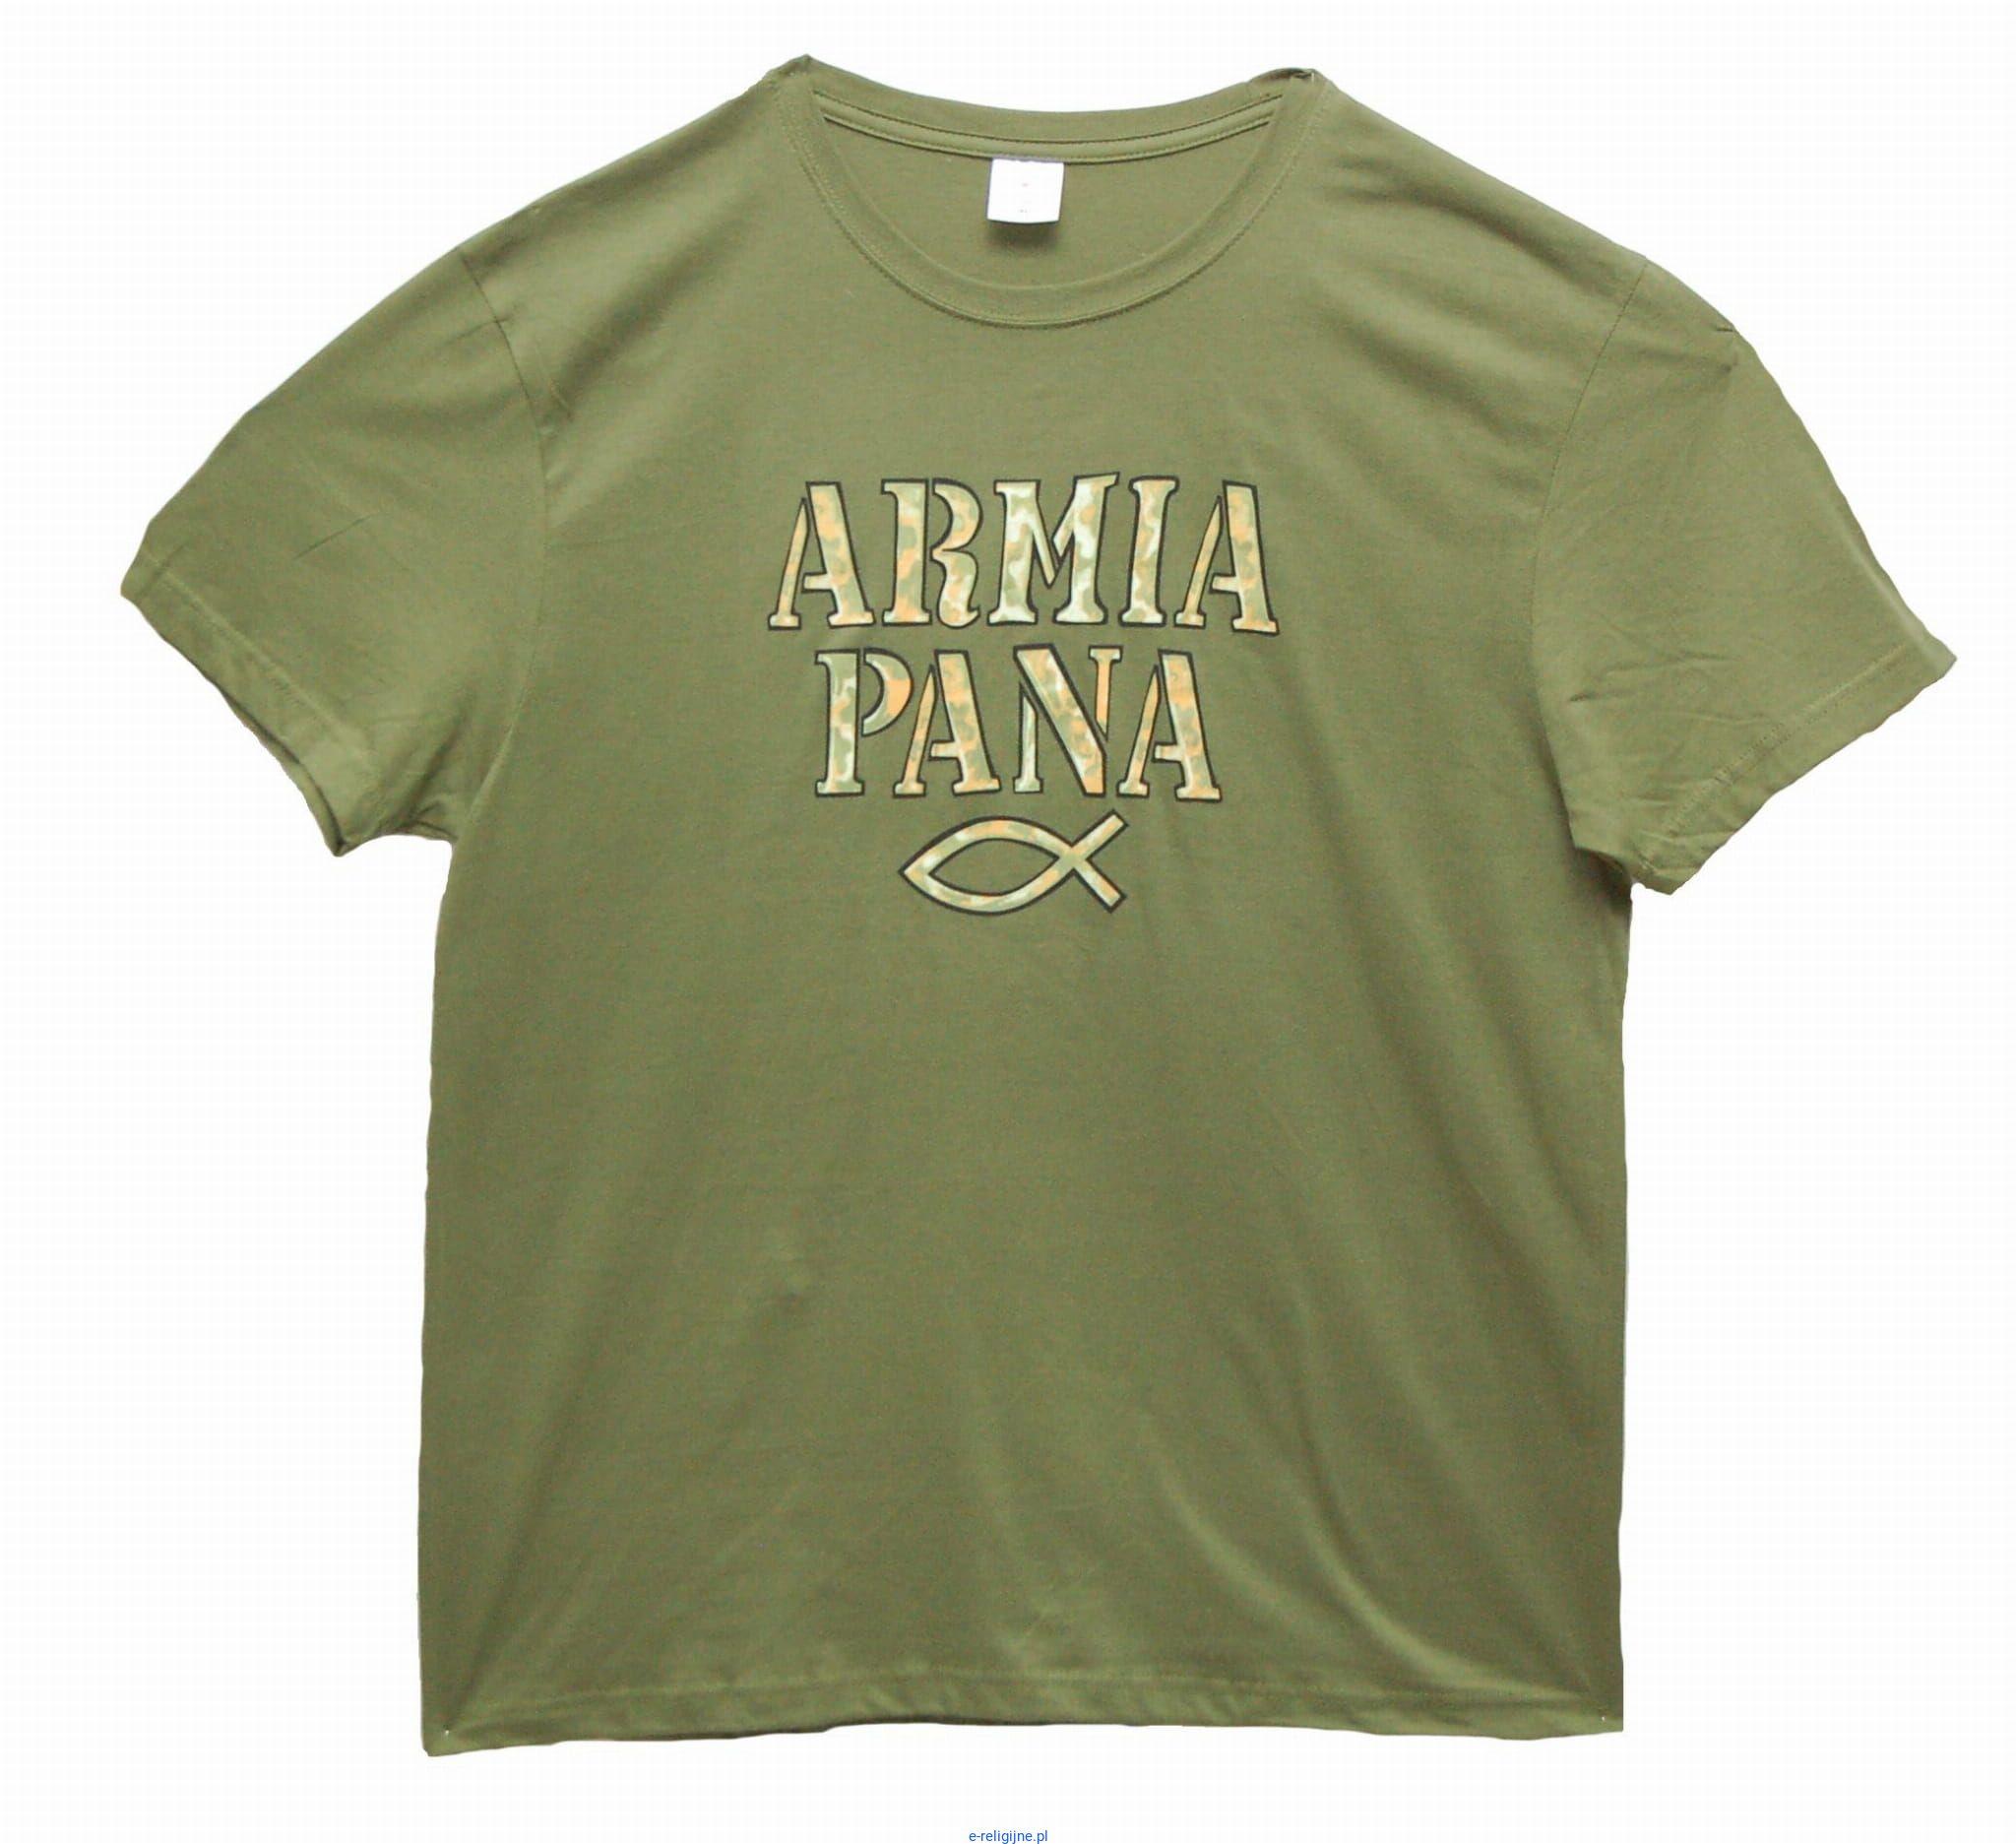 4f430dd23 Sklep chrześcijański: Chrześcijańska męska koszulka religijna Armia Pana -  najwięcej wzorów koszulek religijnych - e